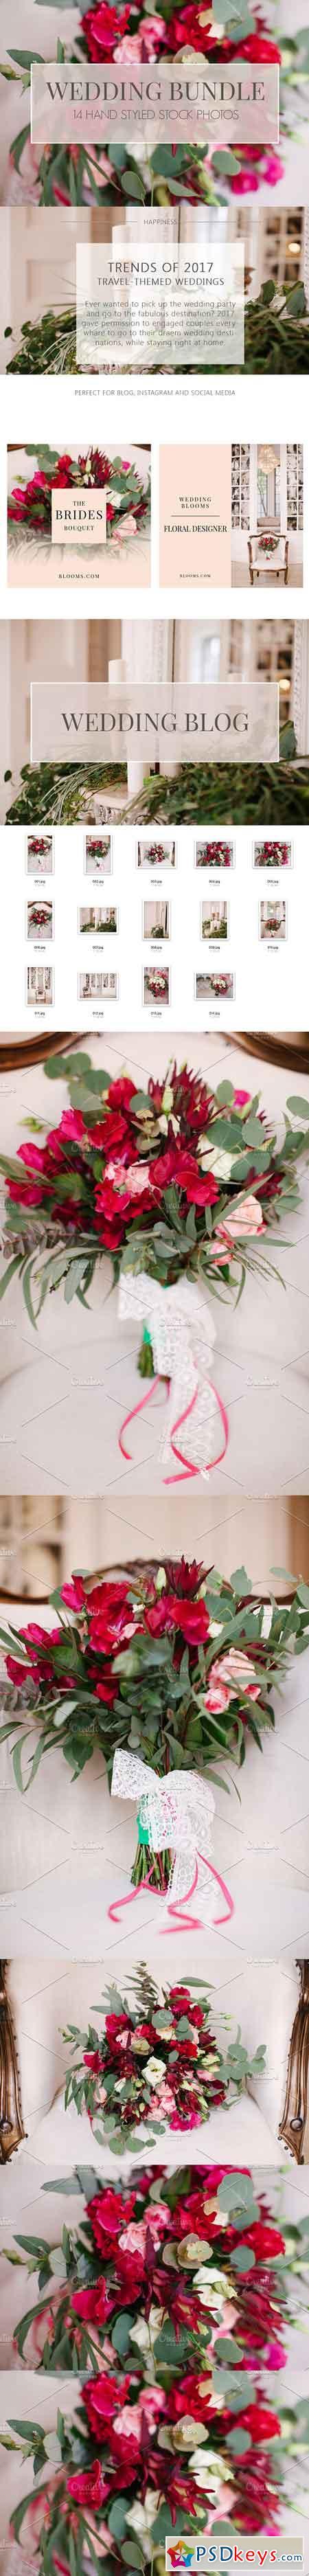 WEDDING BUNDLE TeploStockPhoto 1389786